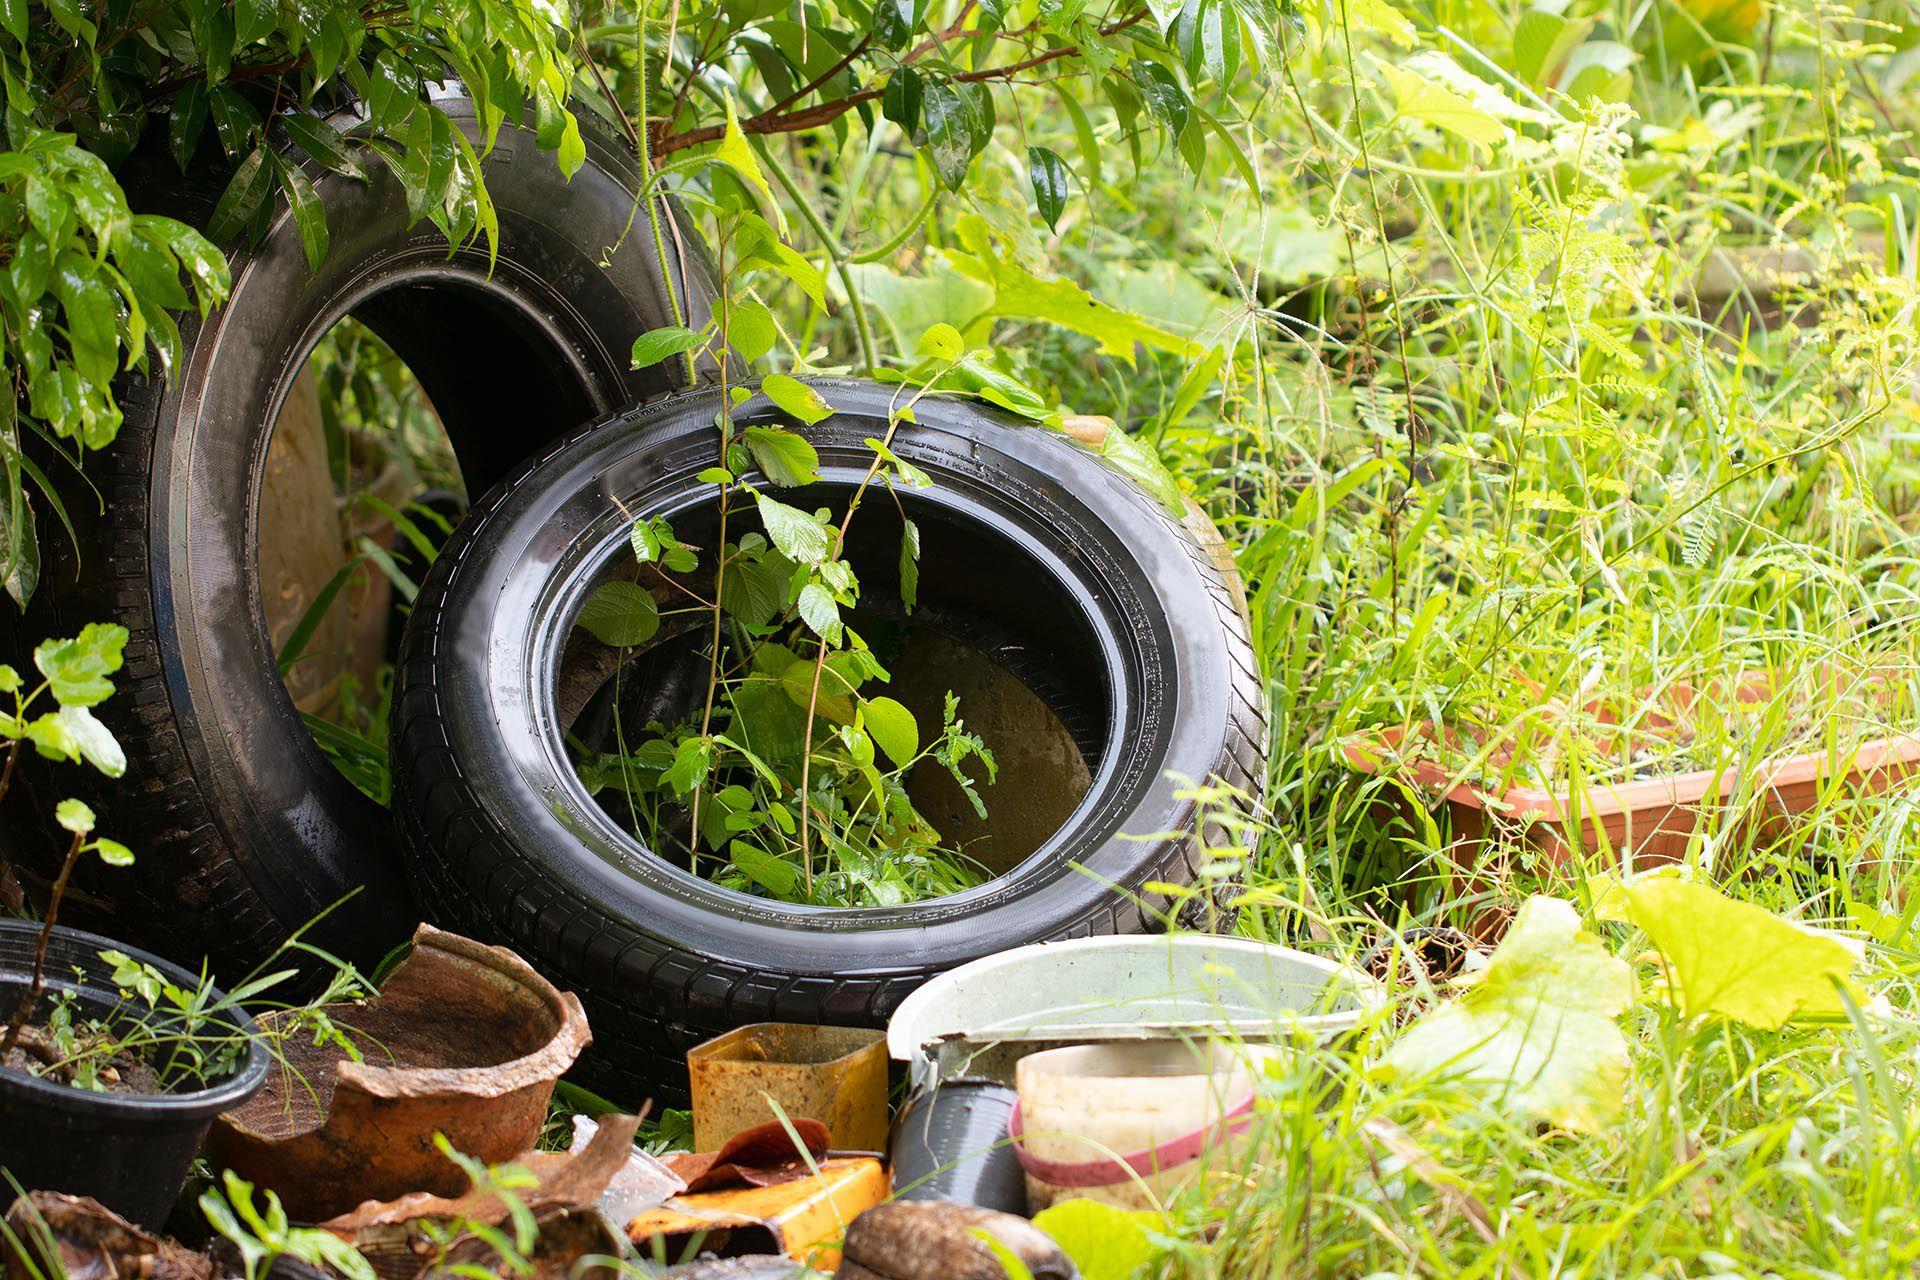 Se debe mantener los patios limpios y ordenados y los jardines desmalezados (Shutterstock)